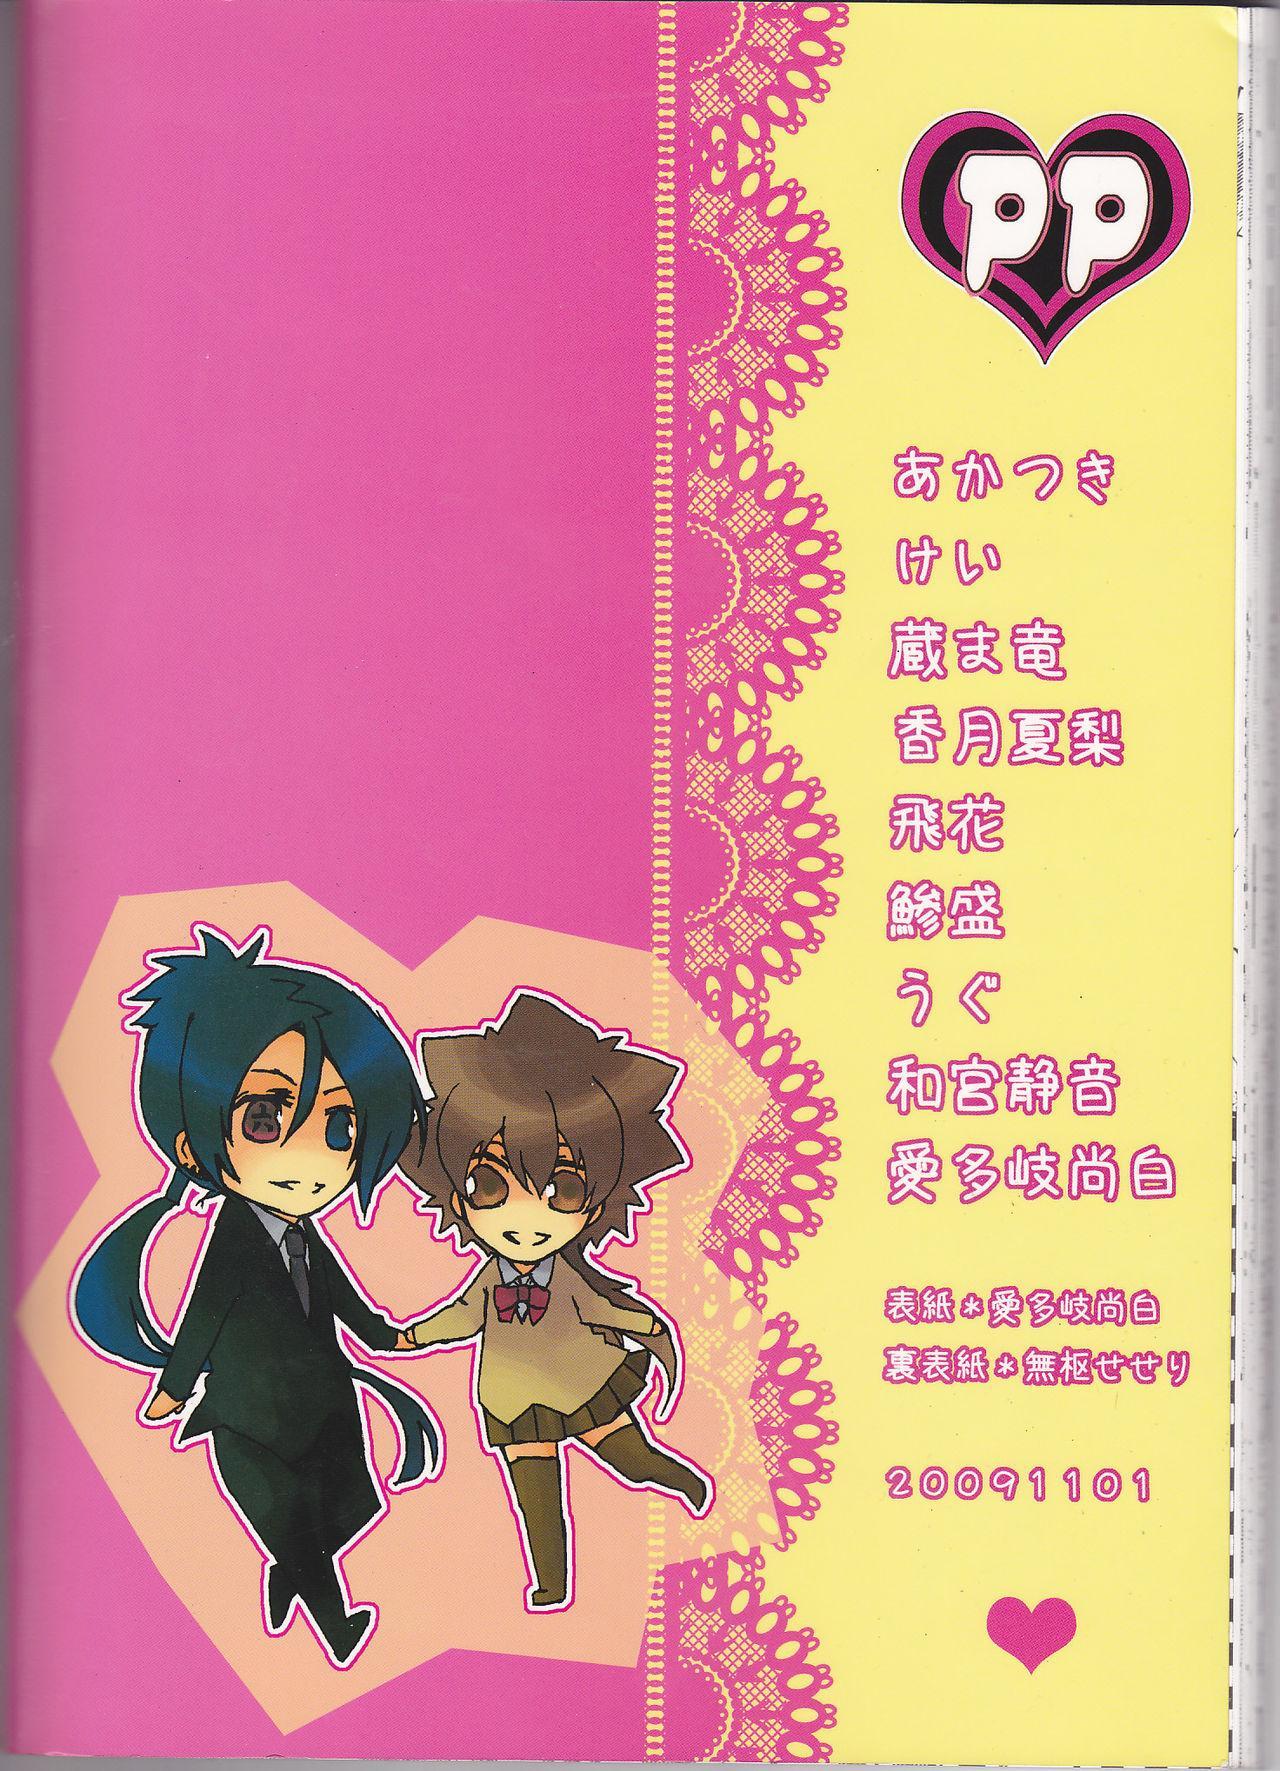 PP Boku no Itoshii Pretty Pink 62